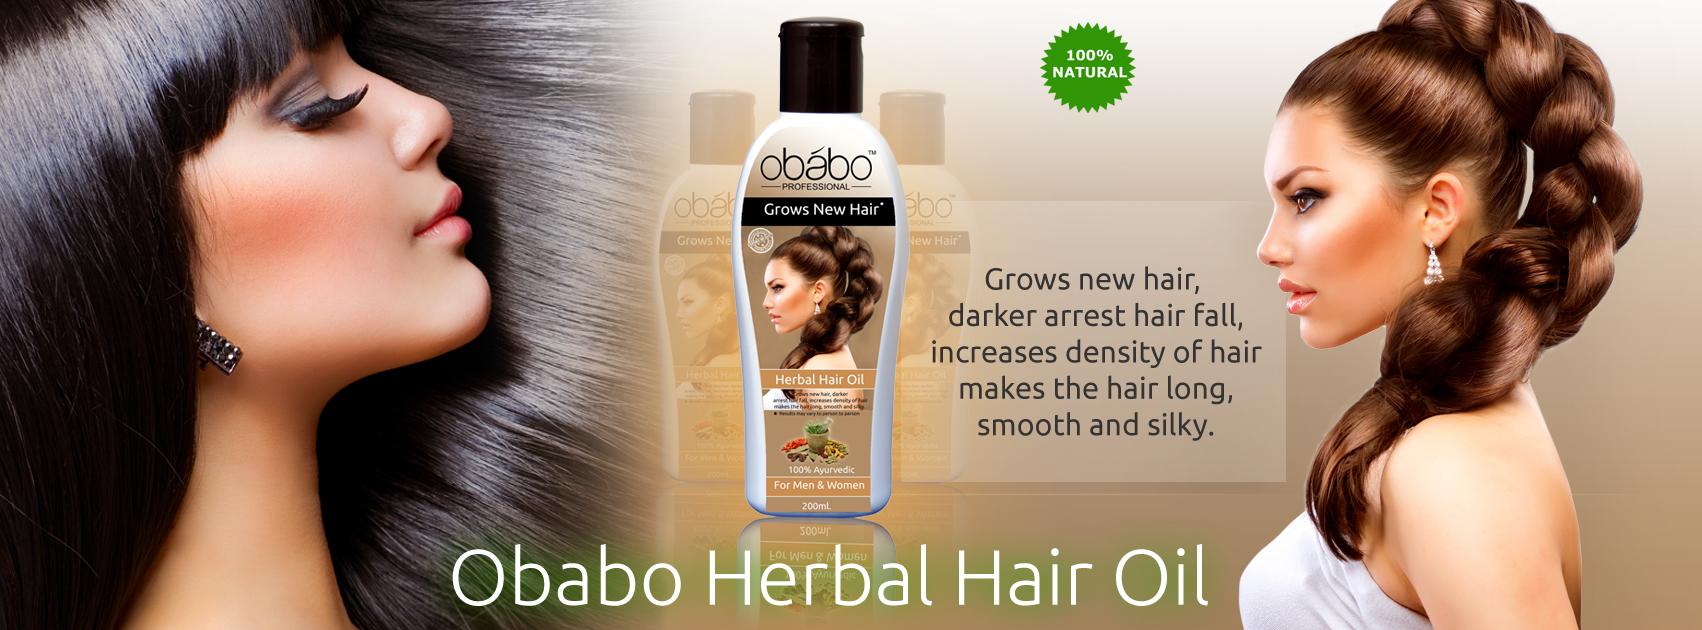 Obabo